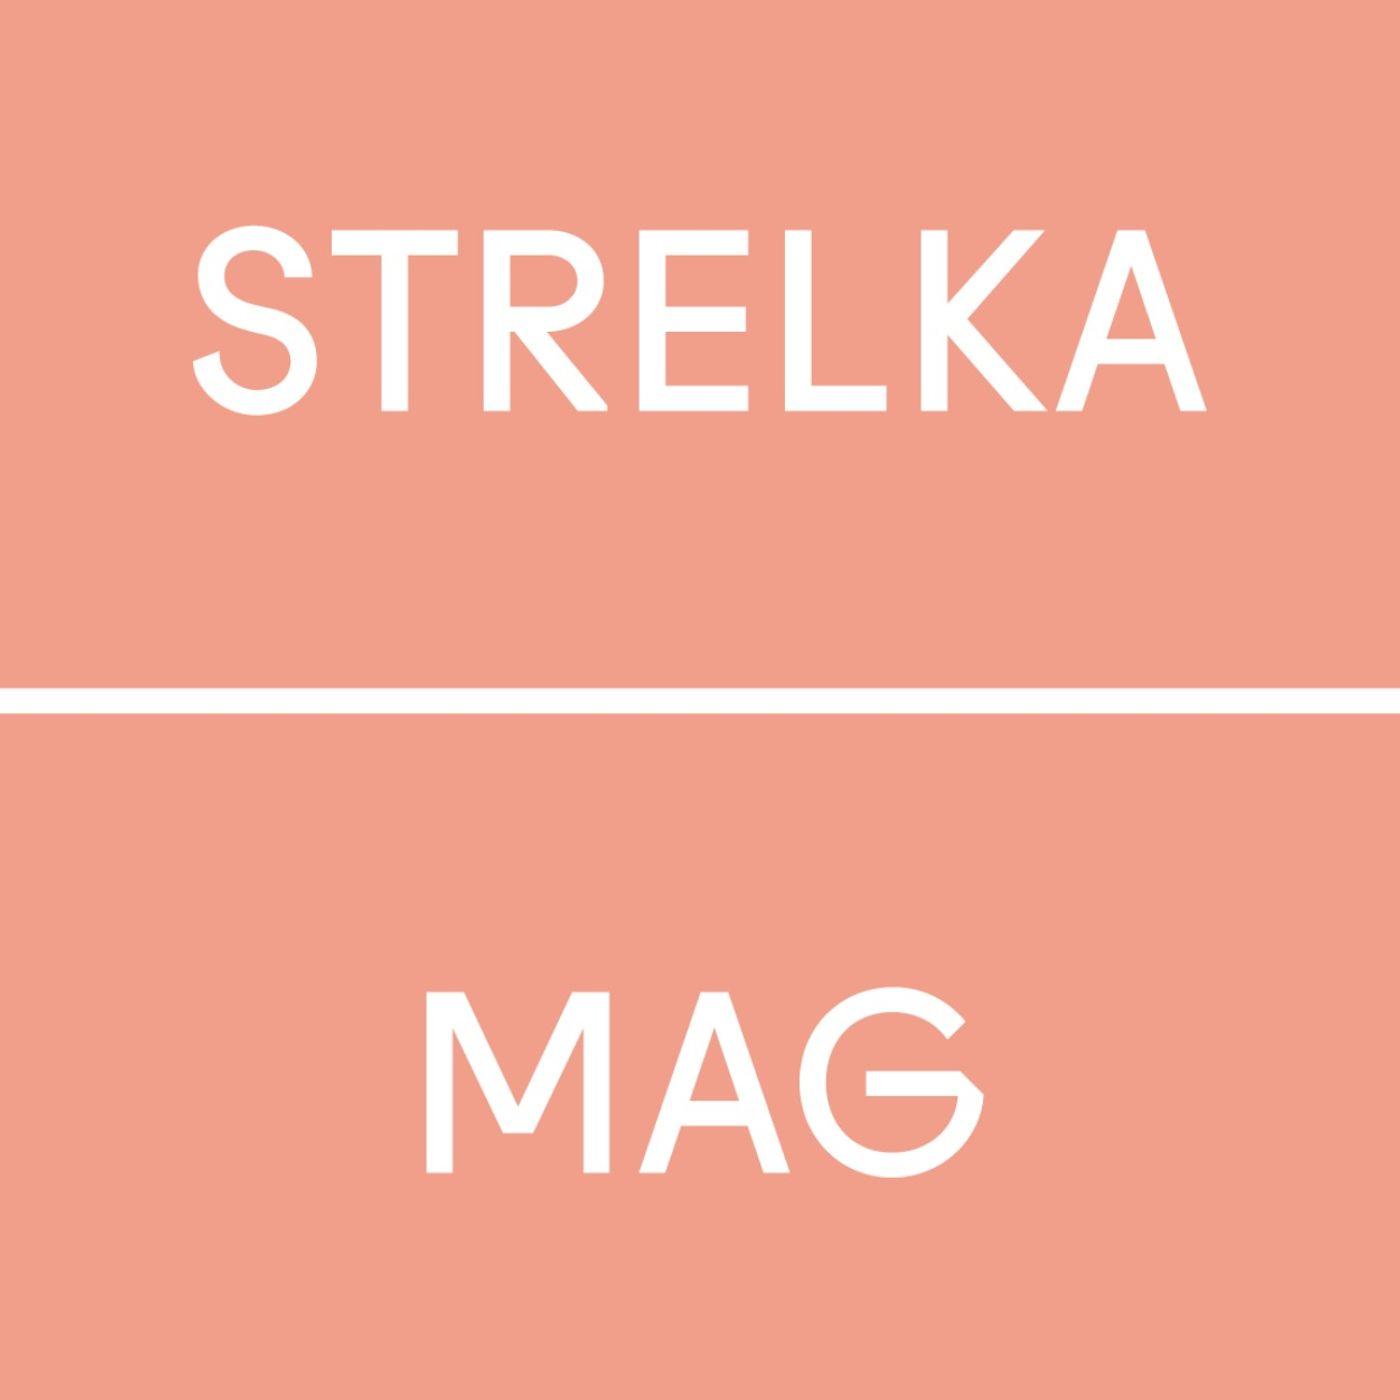 Вокруг шум! Выпуск про звуки в городе с Еленой Коротковой на Strelka Mag